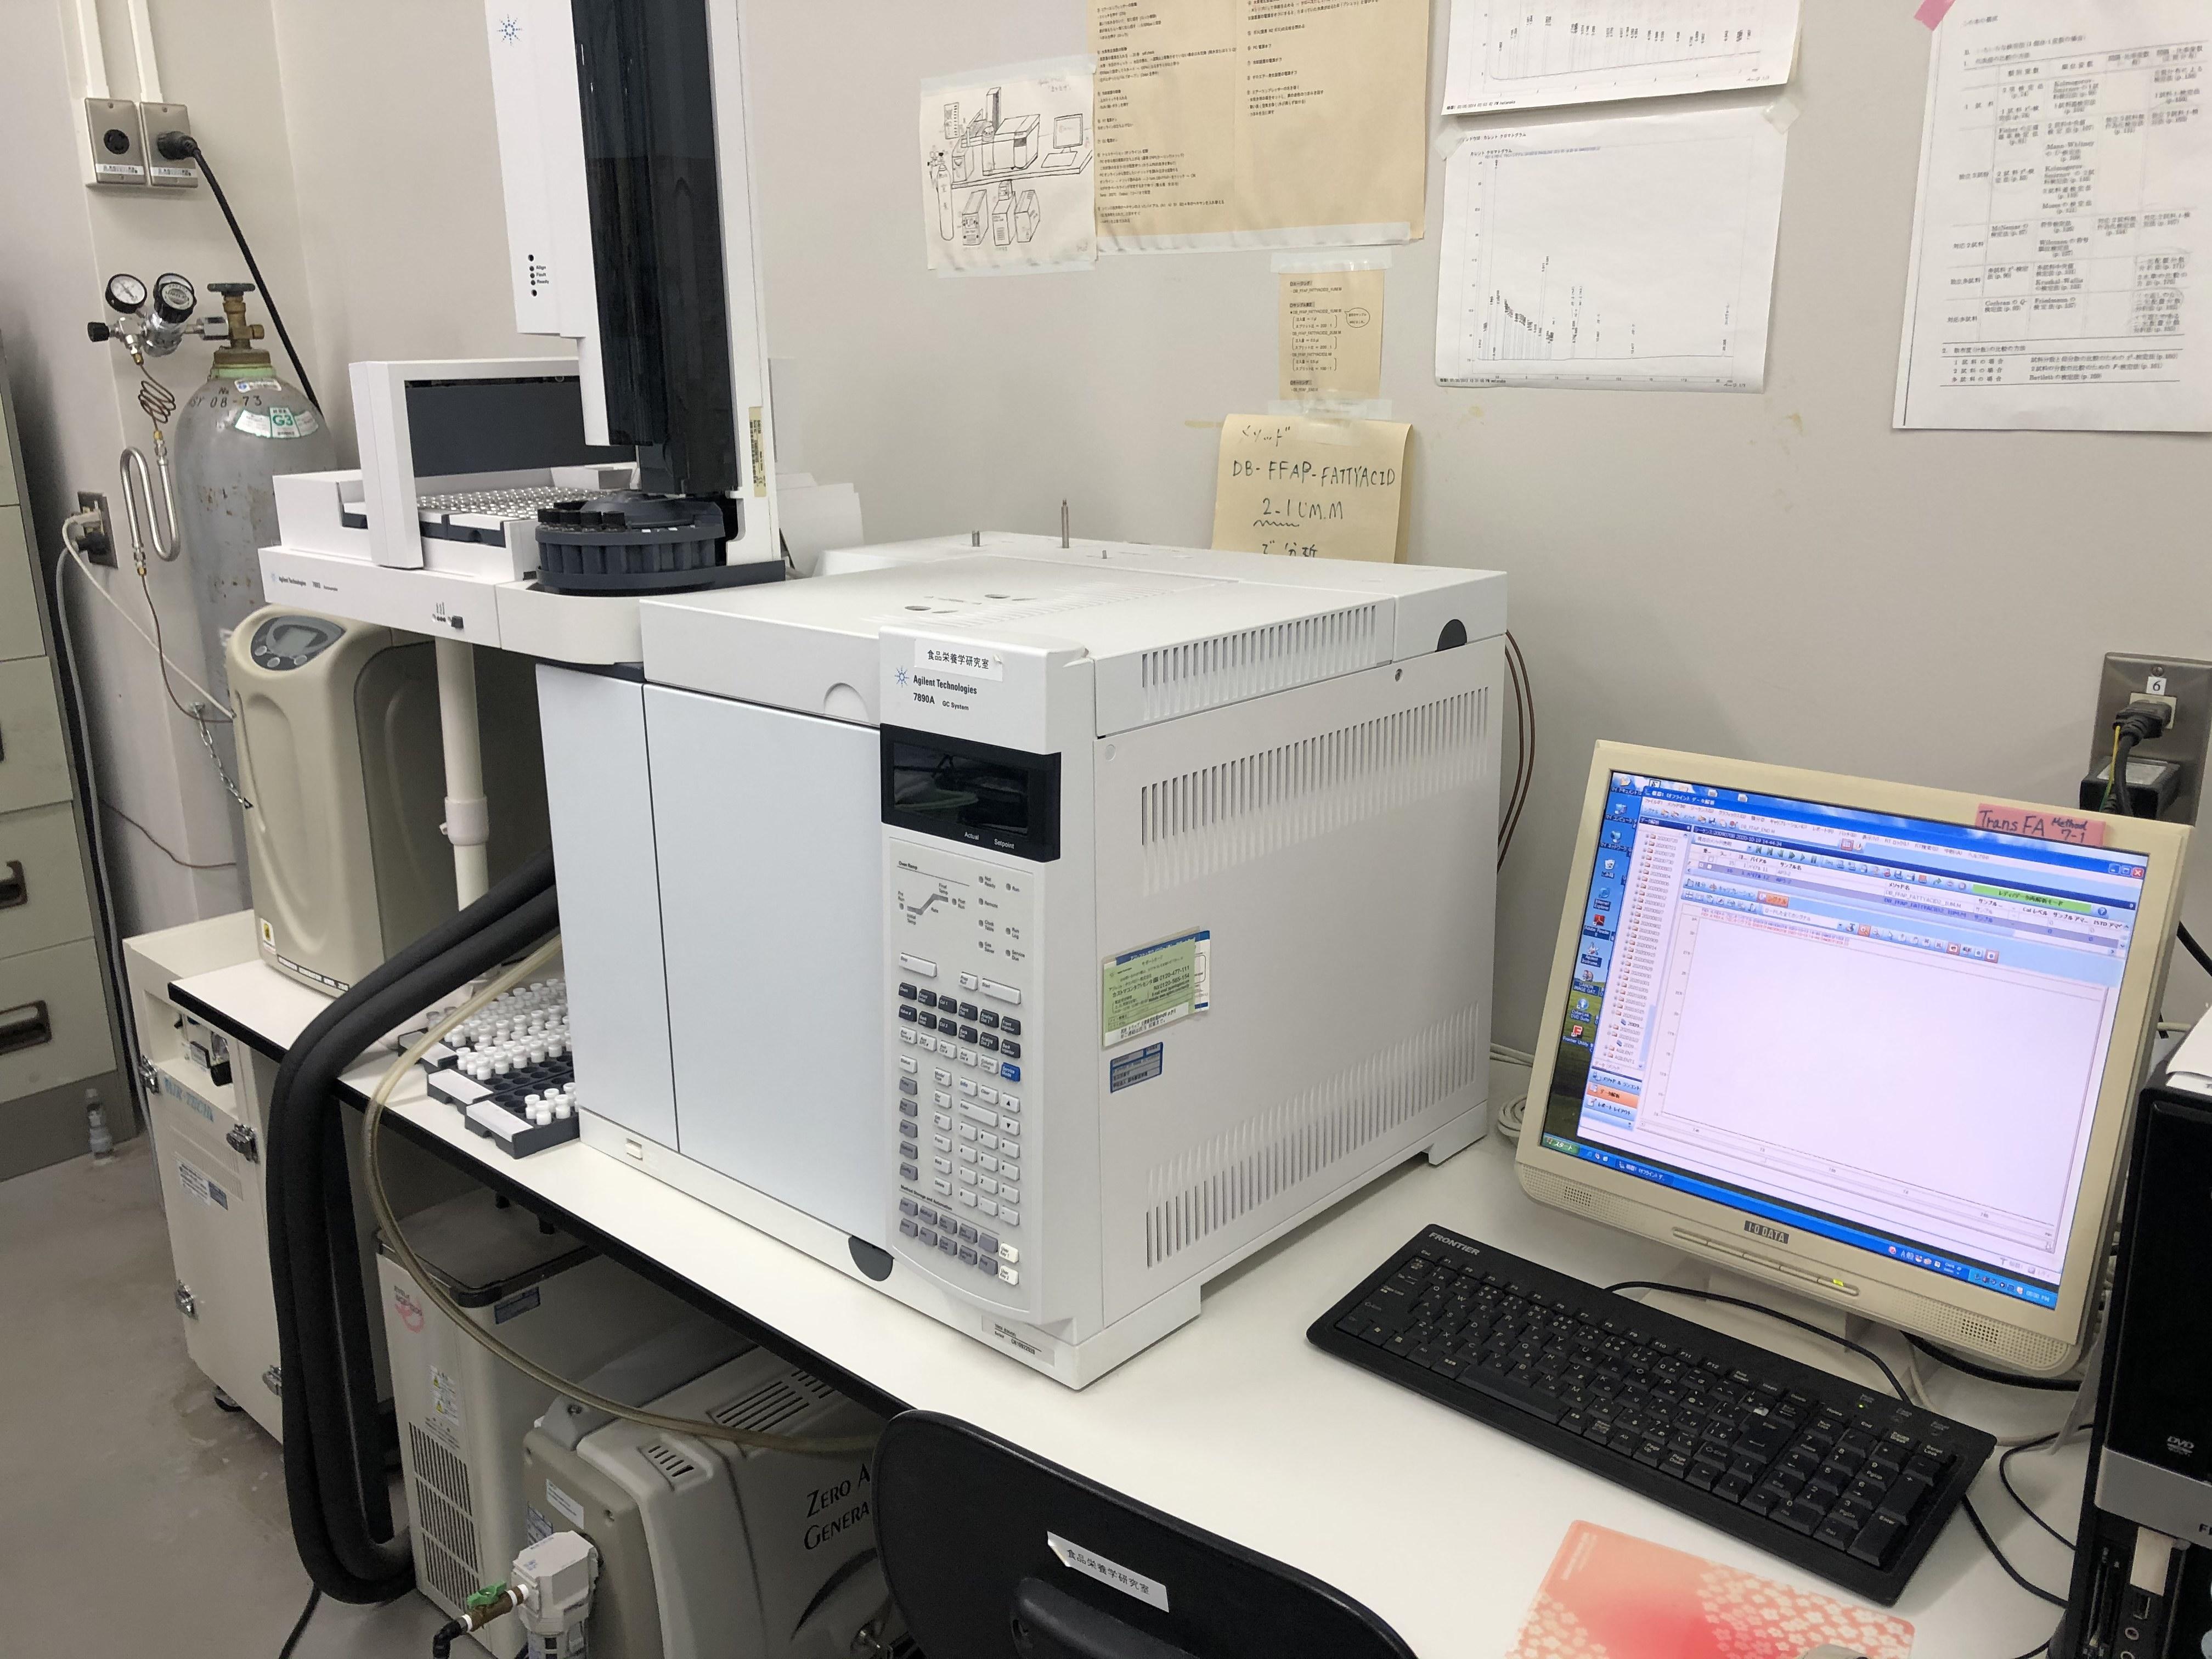 動物から得られた試料は、さまざまな分析機器で解析します。